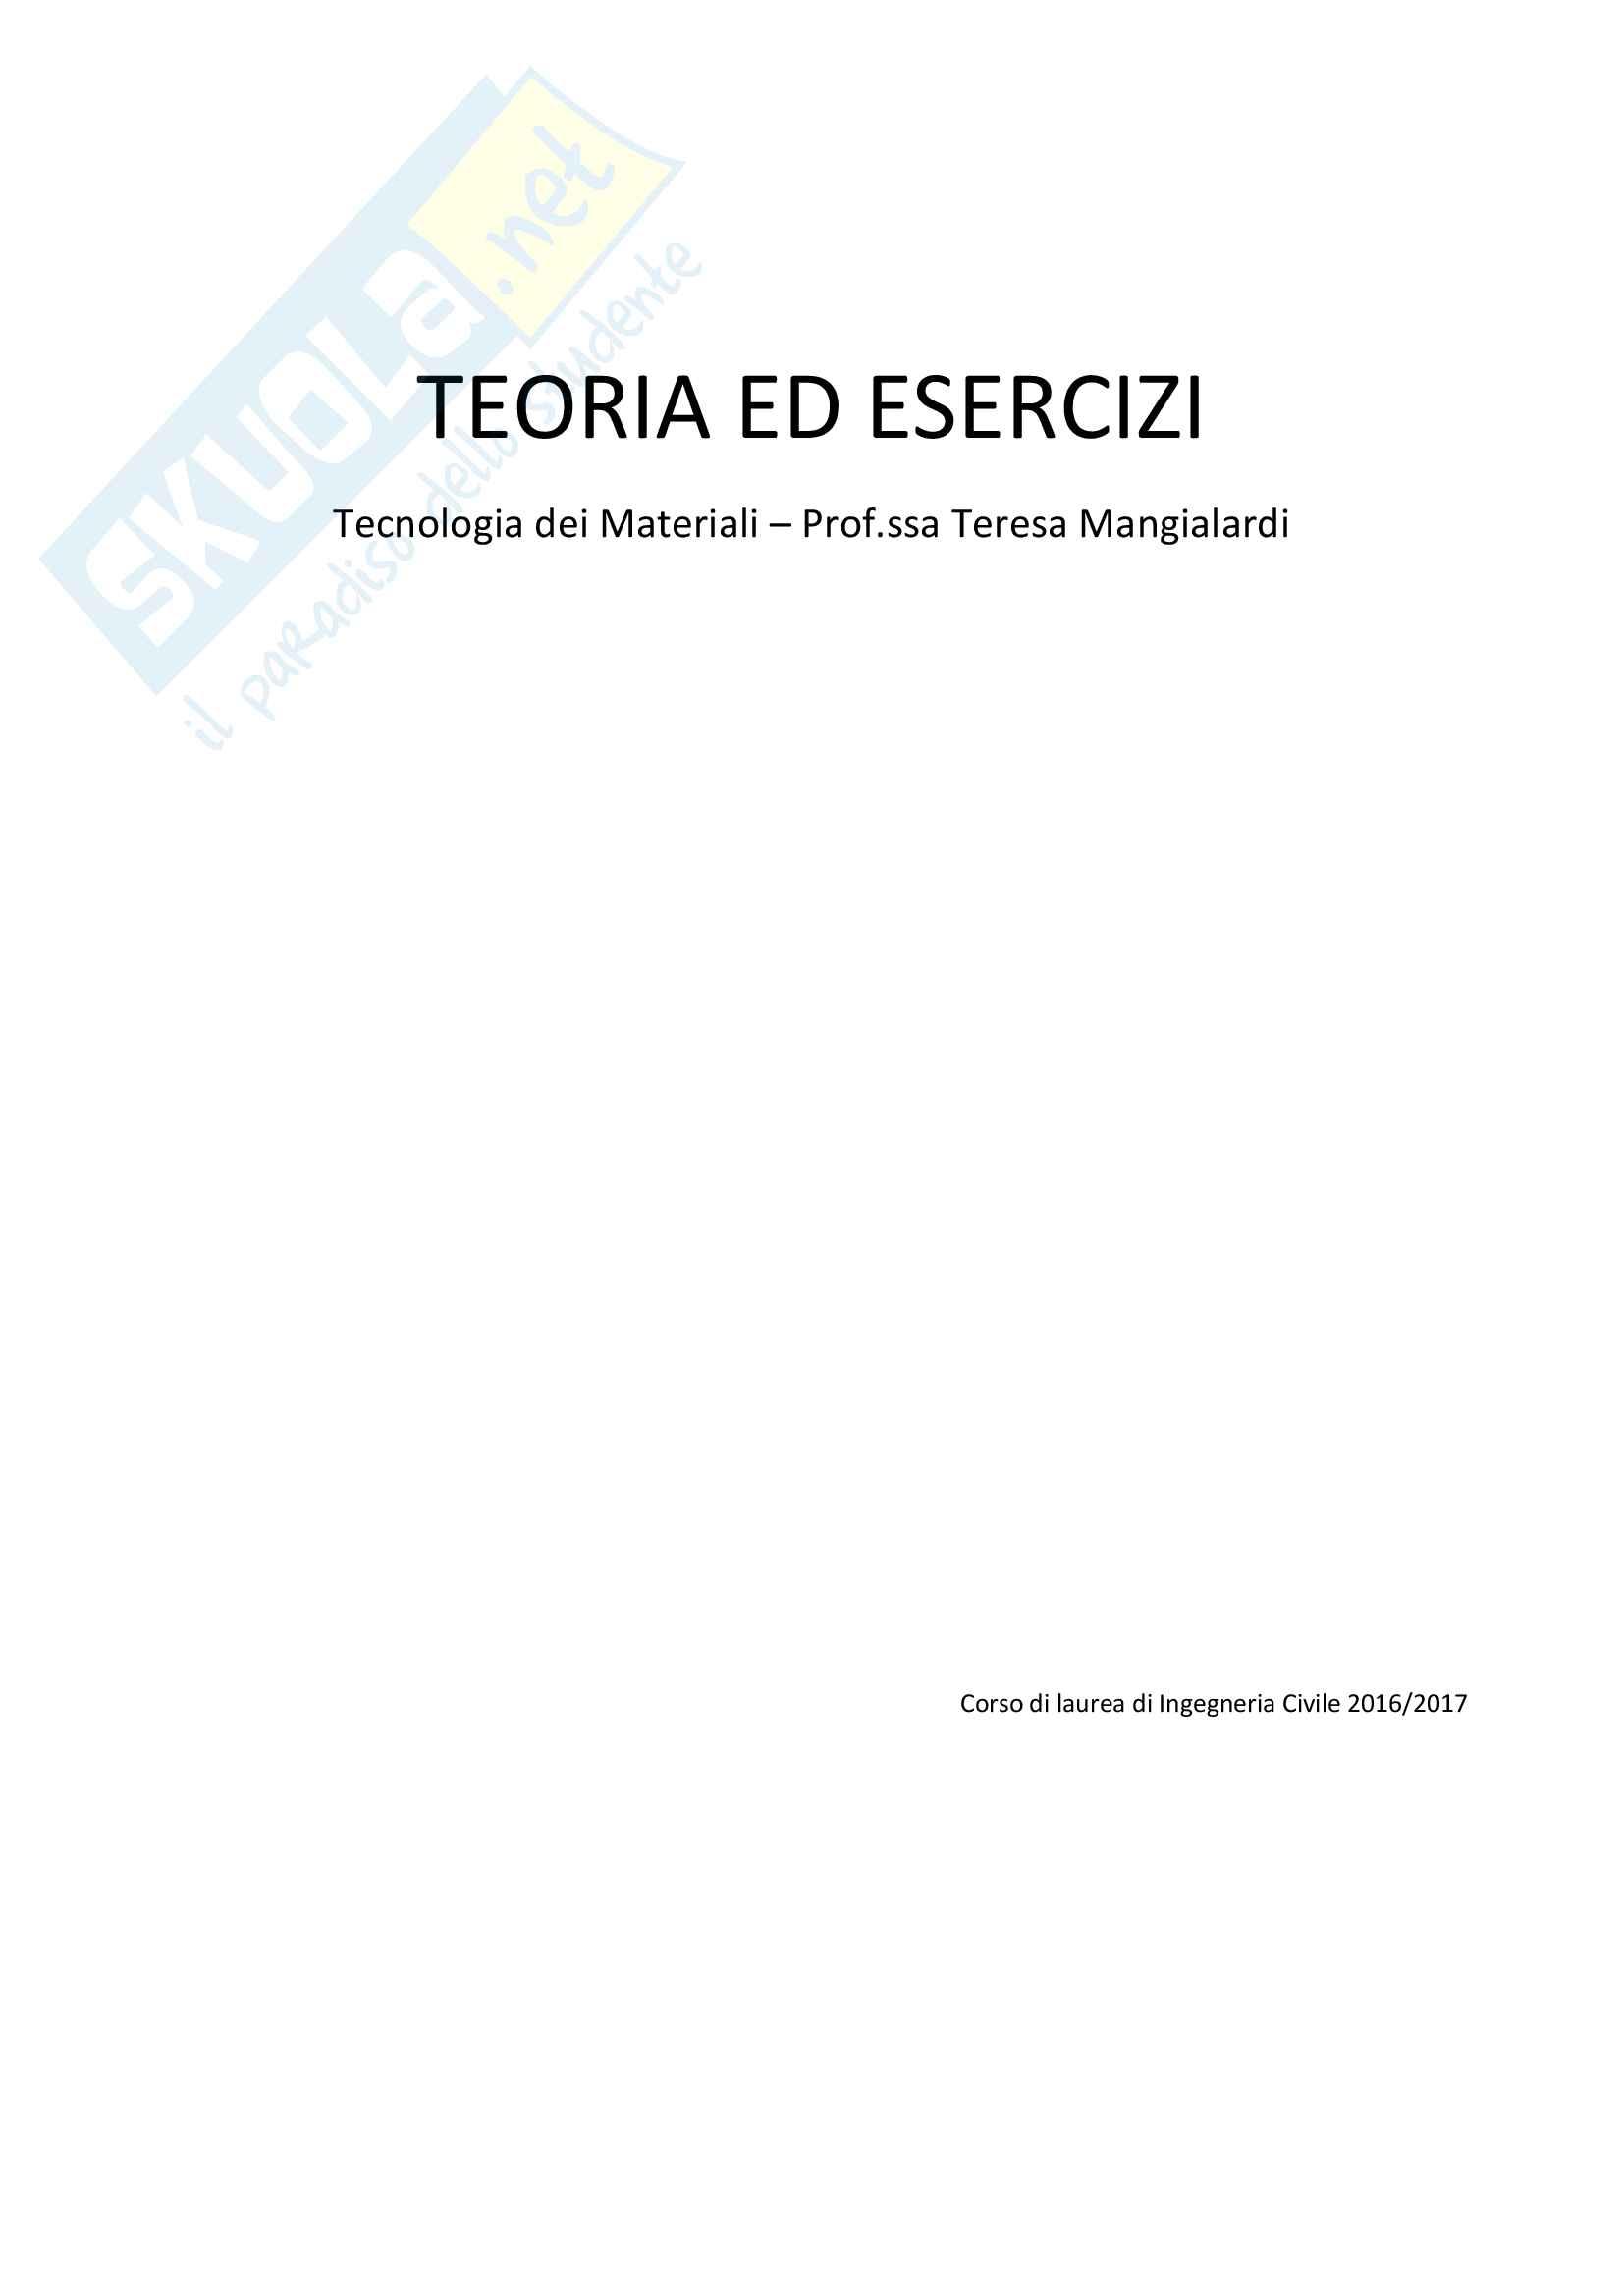 Tutte le lezioni trascritte - Tecnologia dei Materiali - TEORIA ed ESERCIZI Pag. 1